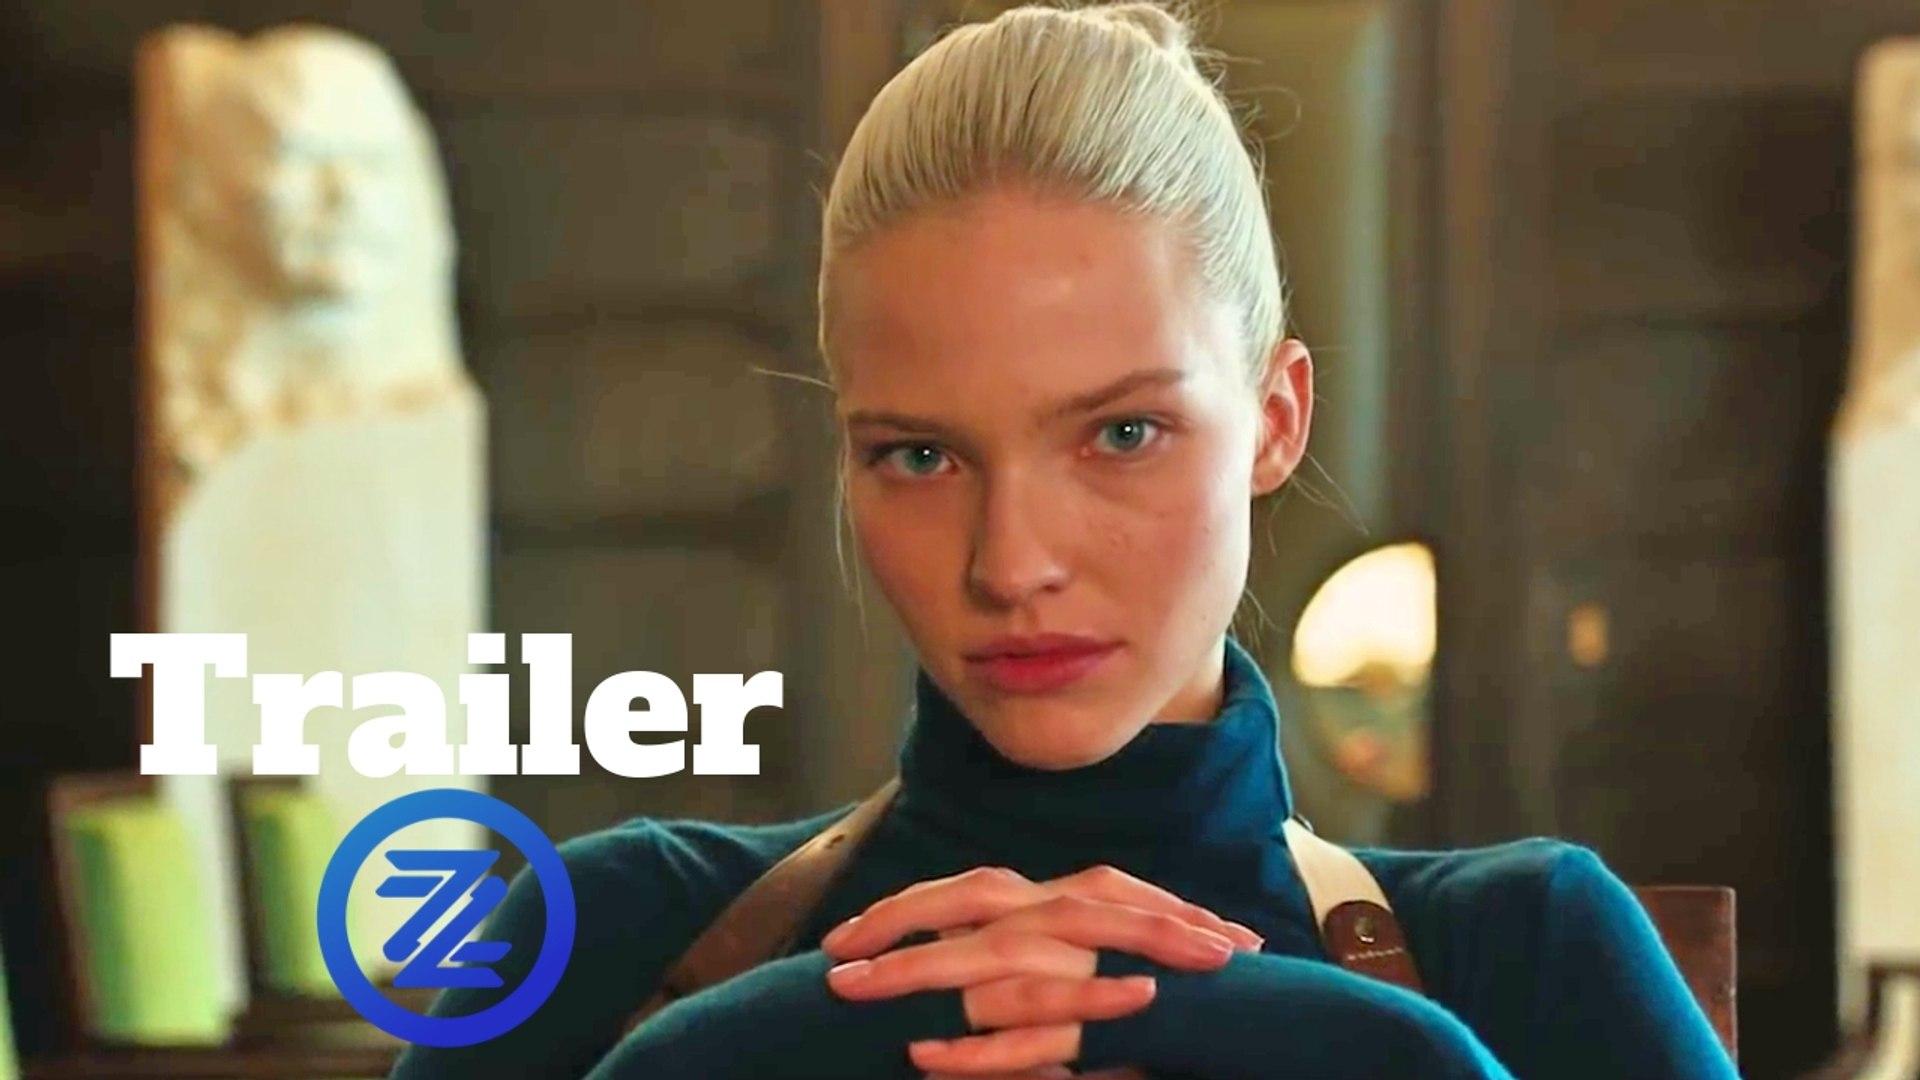 All About Anna 2005 Movie anna trailer #1 (2019) sasha luss, helen mirren thriller movie hd